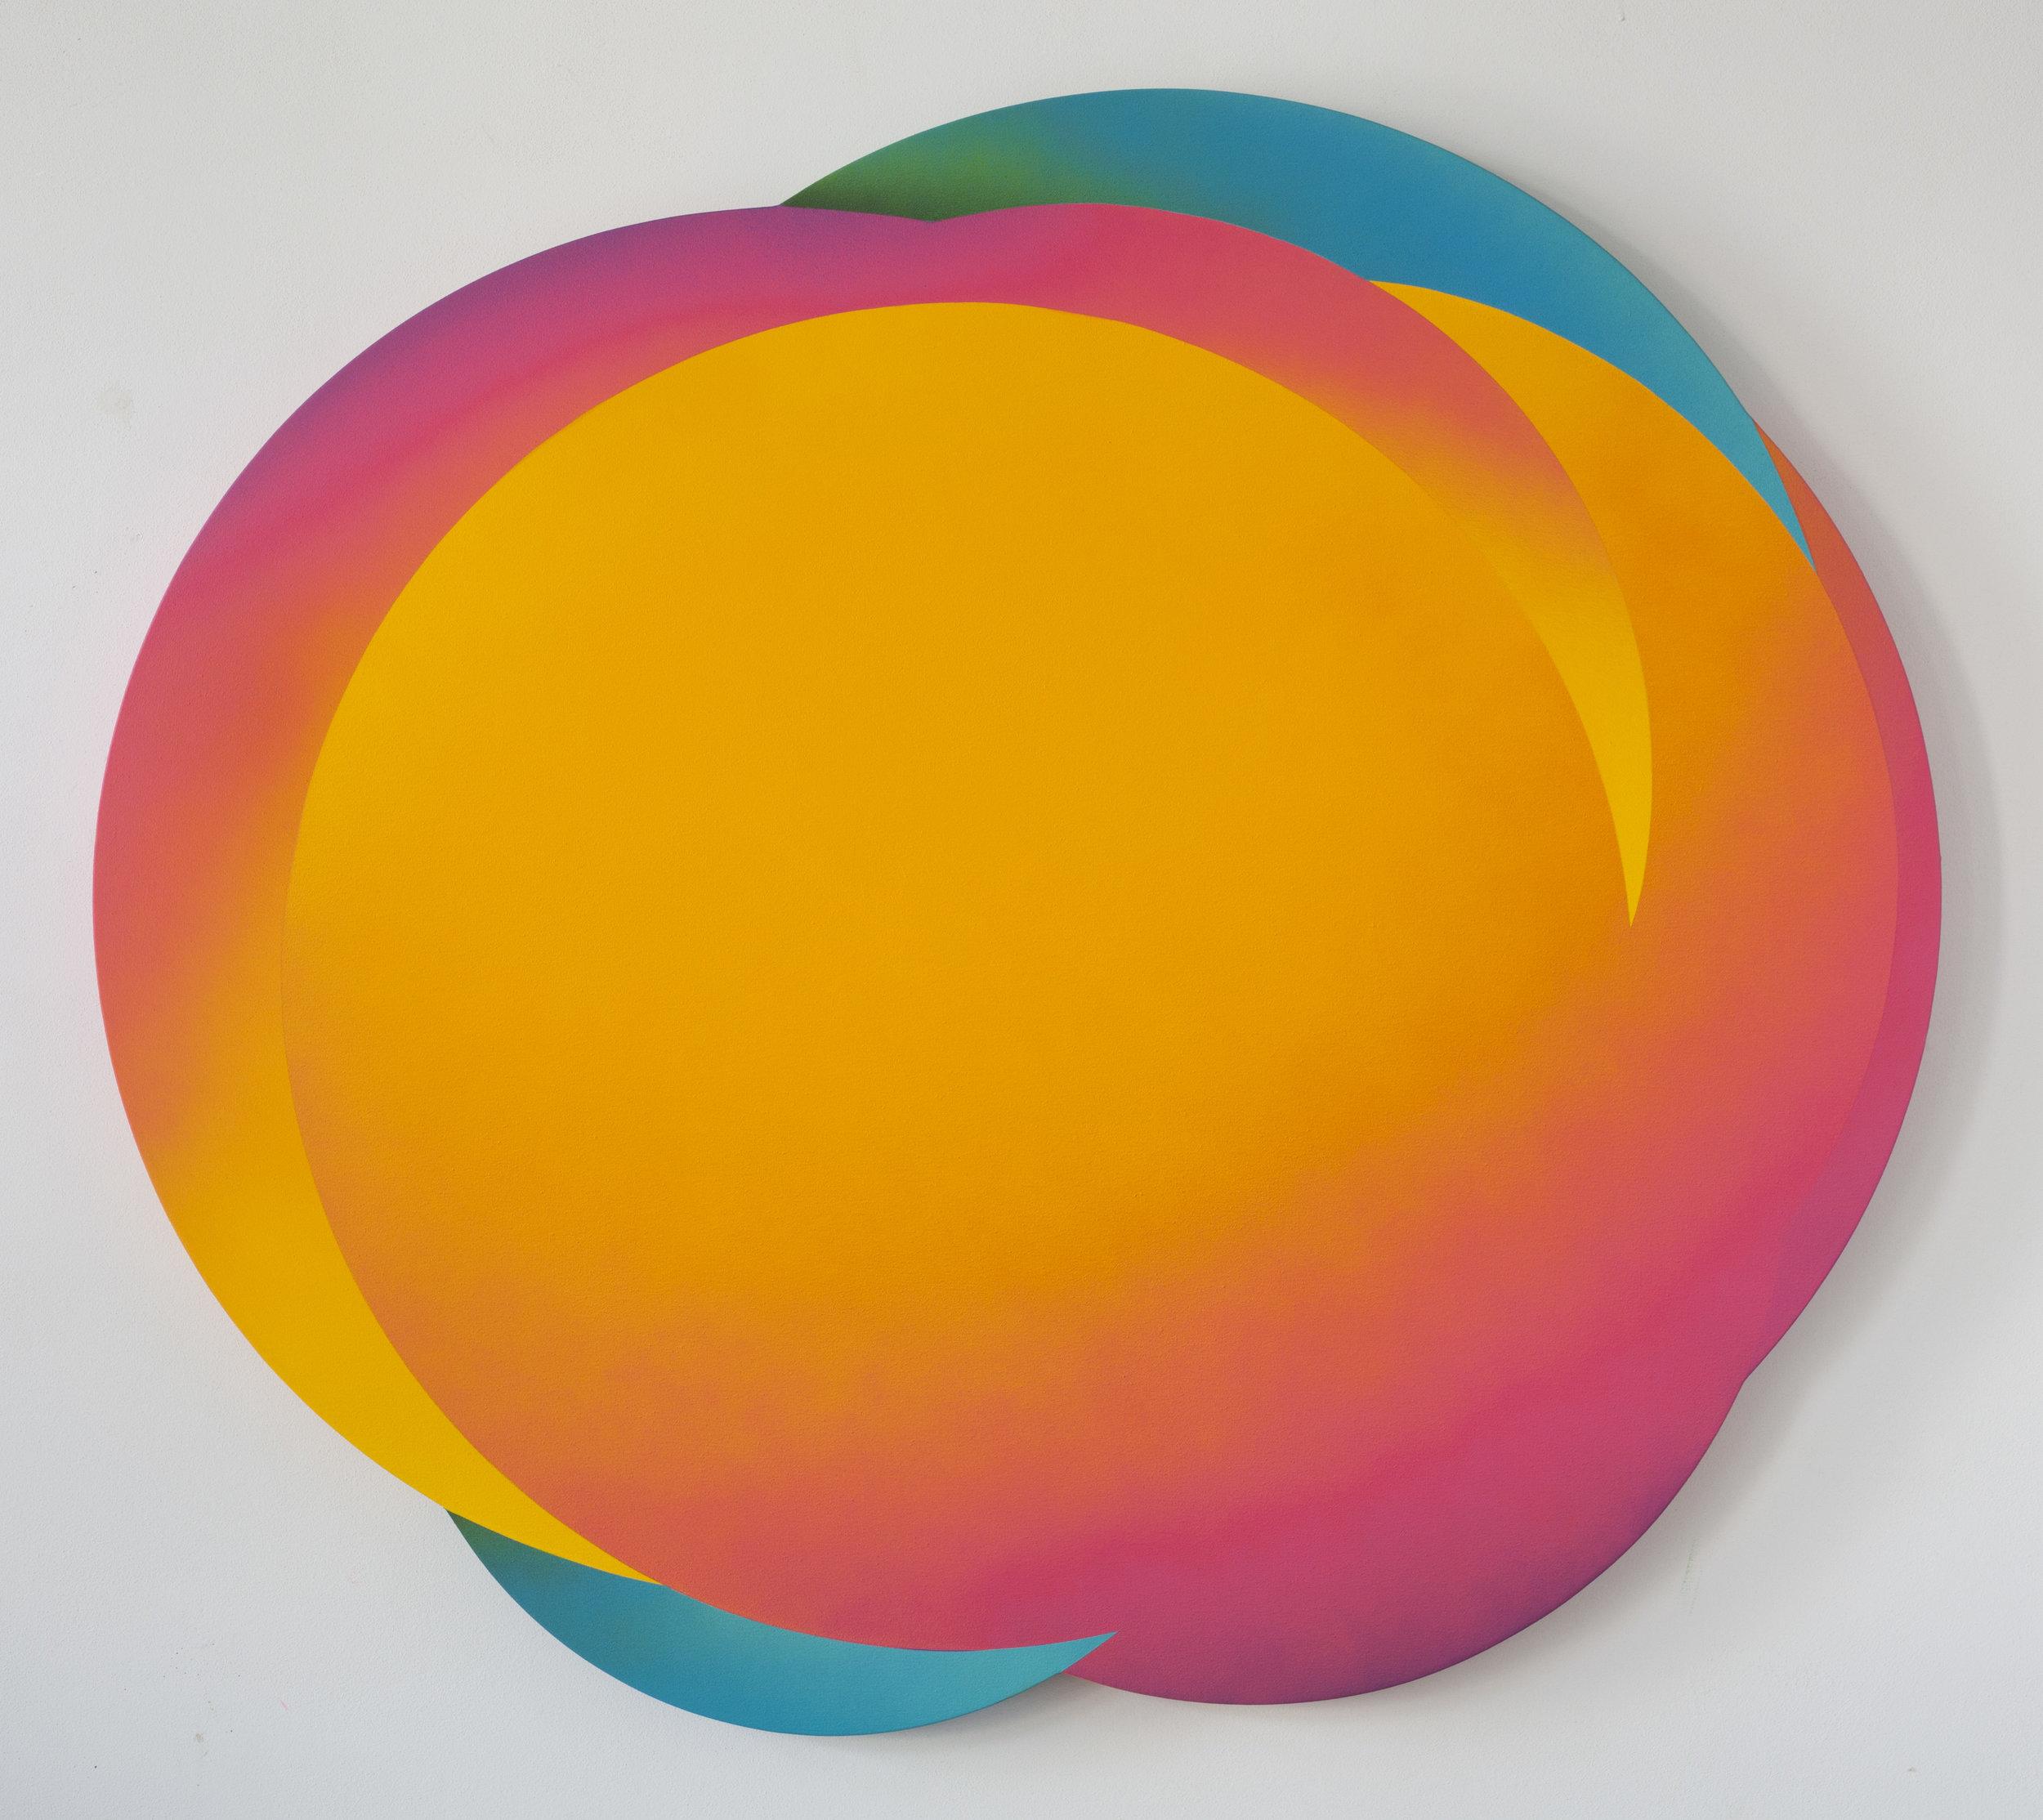 Cloud 9 (II), 2017, Acrylic on Canvas, 125 x 130 cm (49 x 51.2 in)